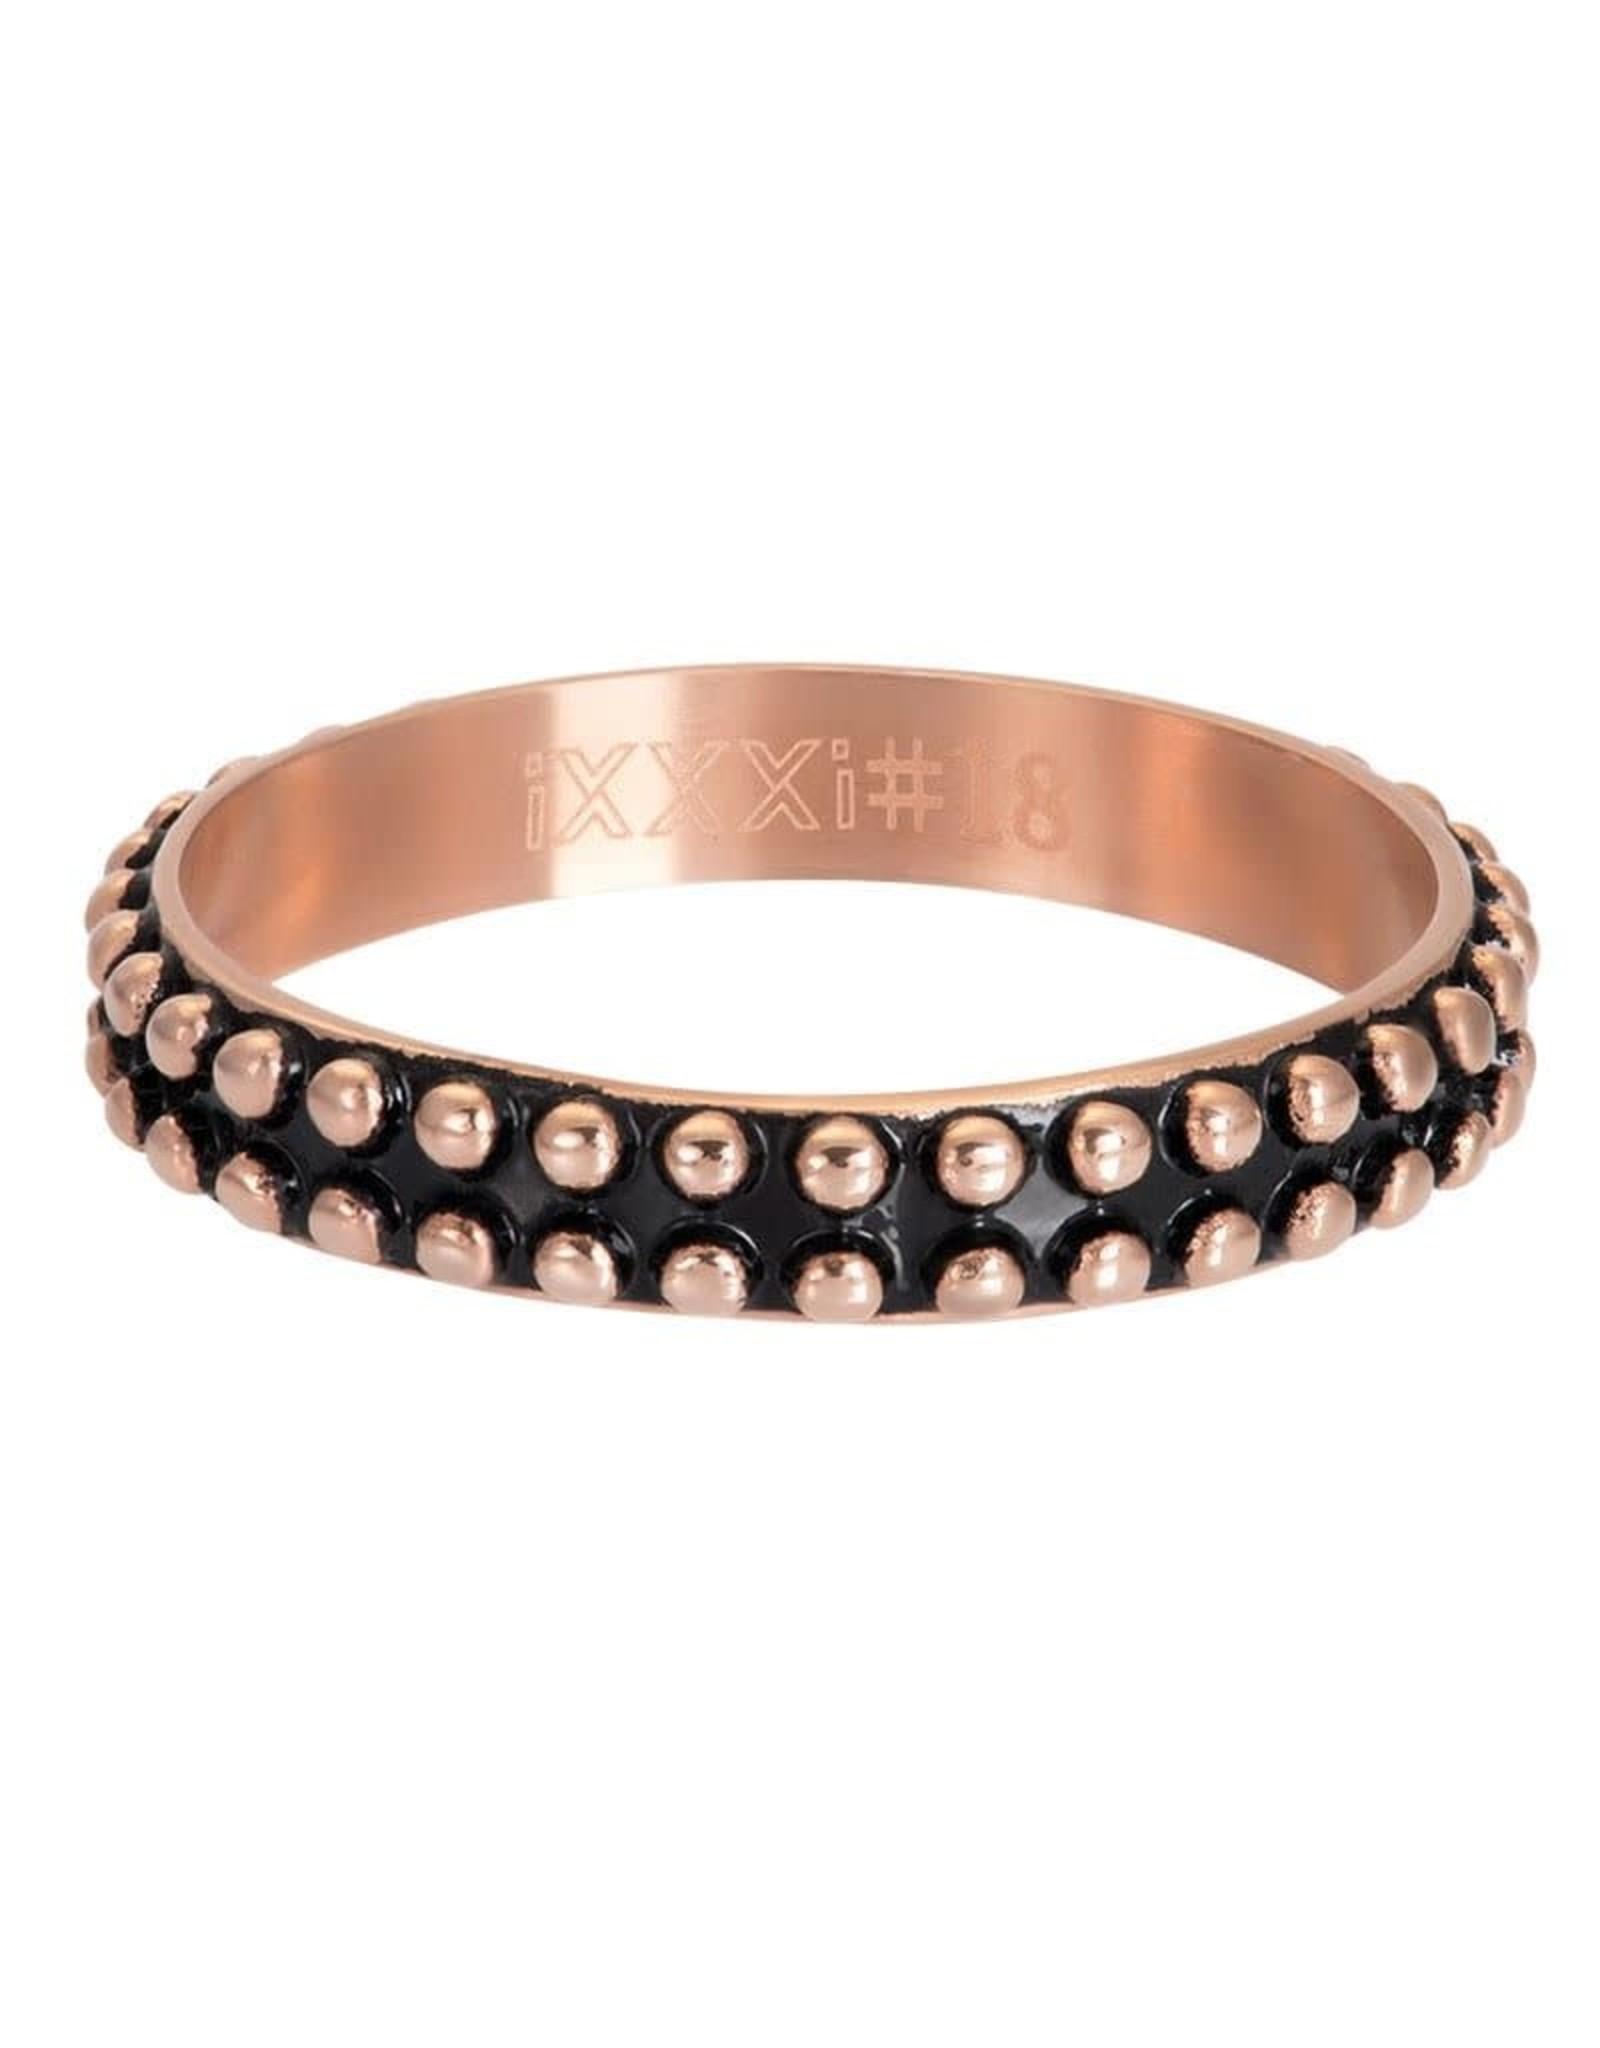 iXXXi Jewelry iXXXi vulring gypsy - rose